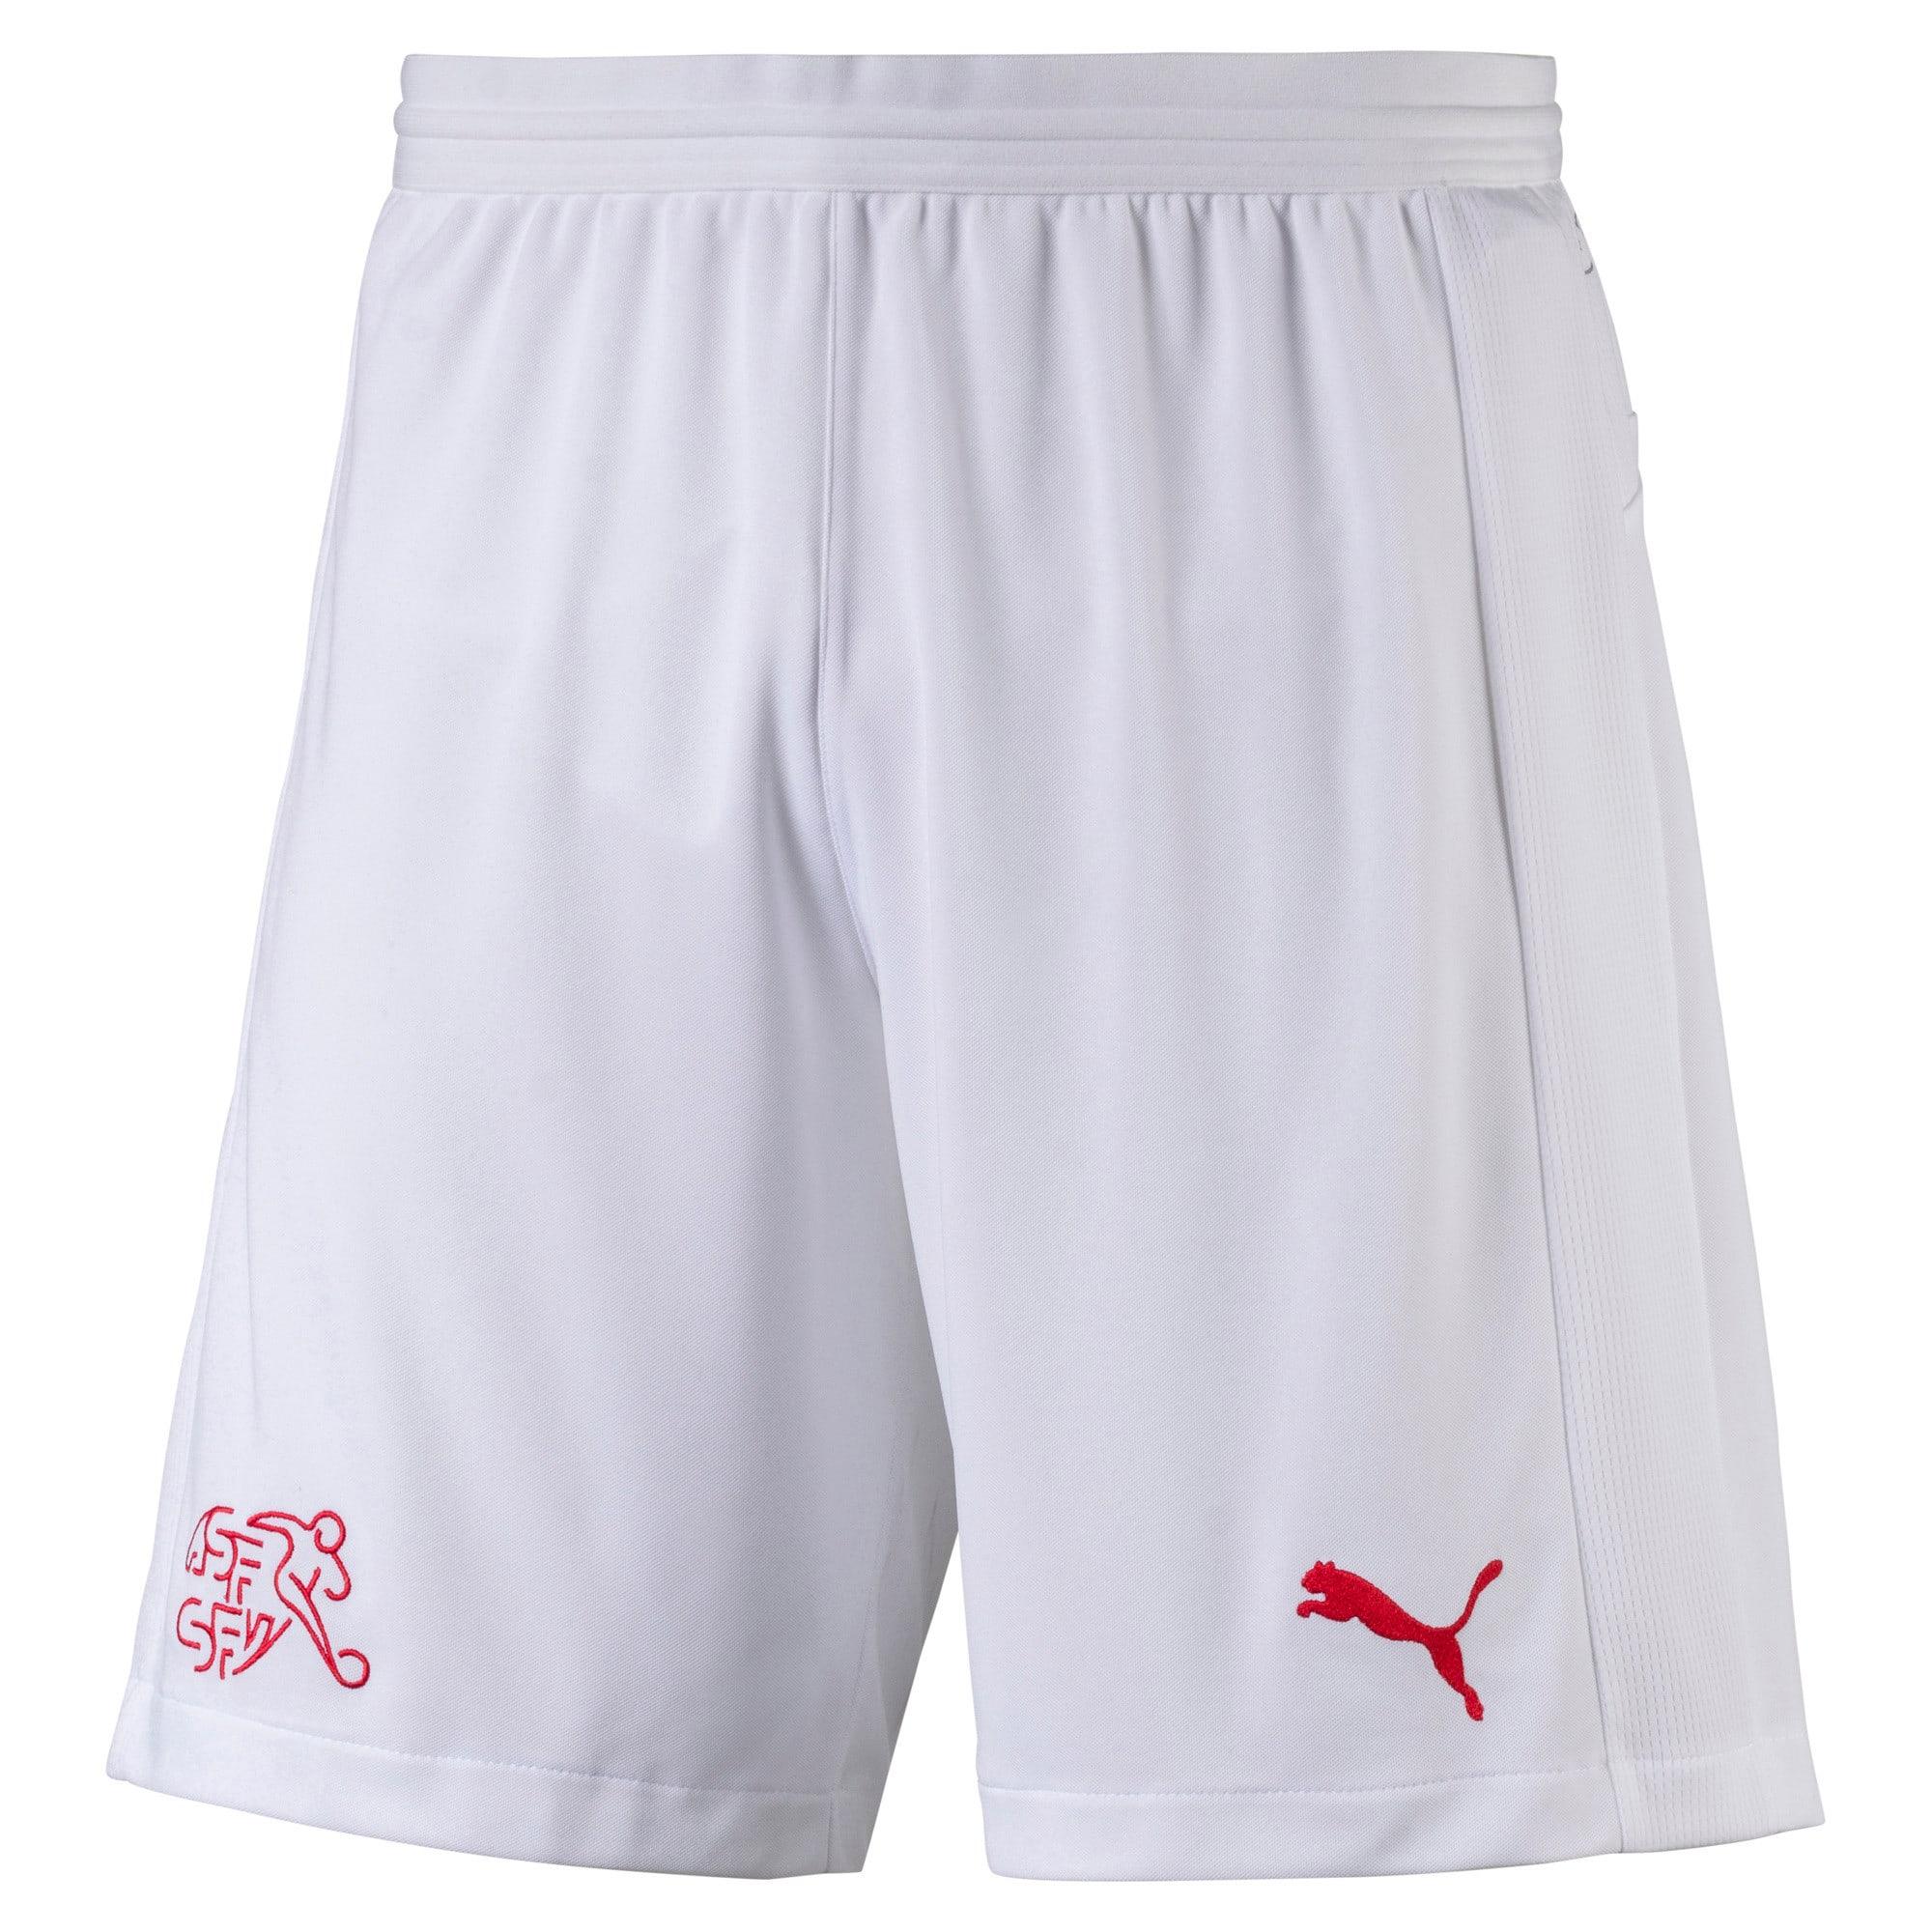 Thumbnail 5 of Switzerland Replica Shorts, Puma White, medium